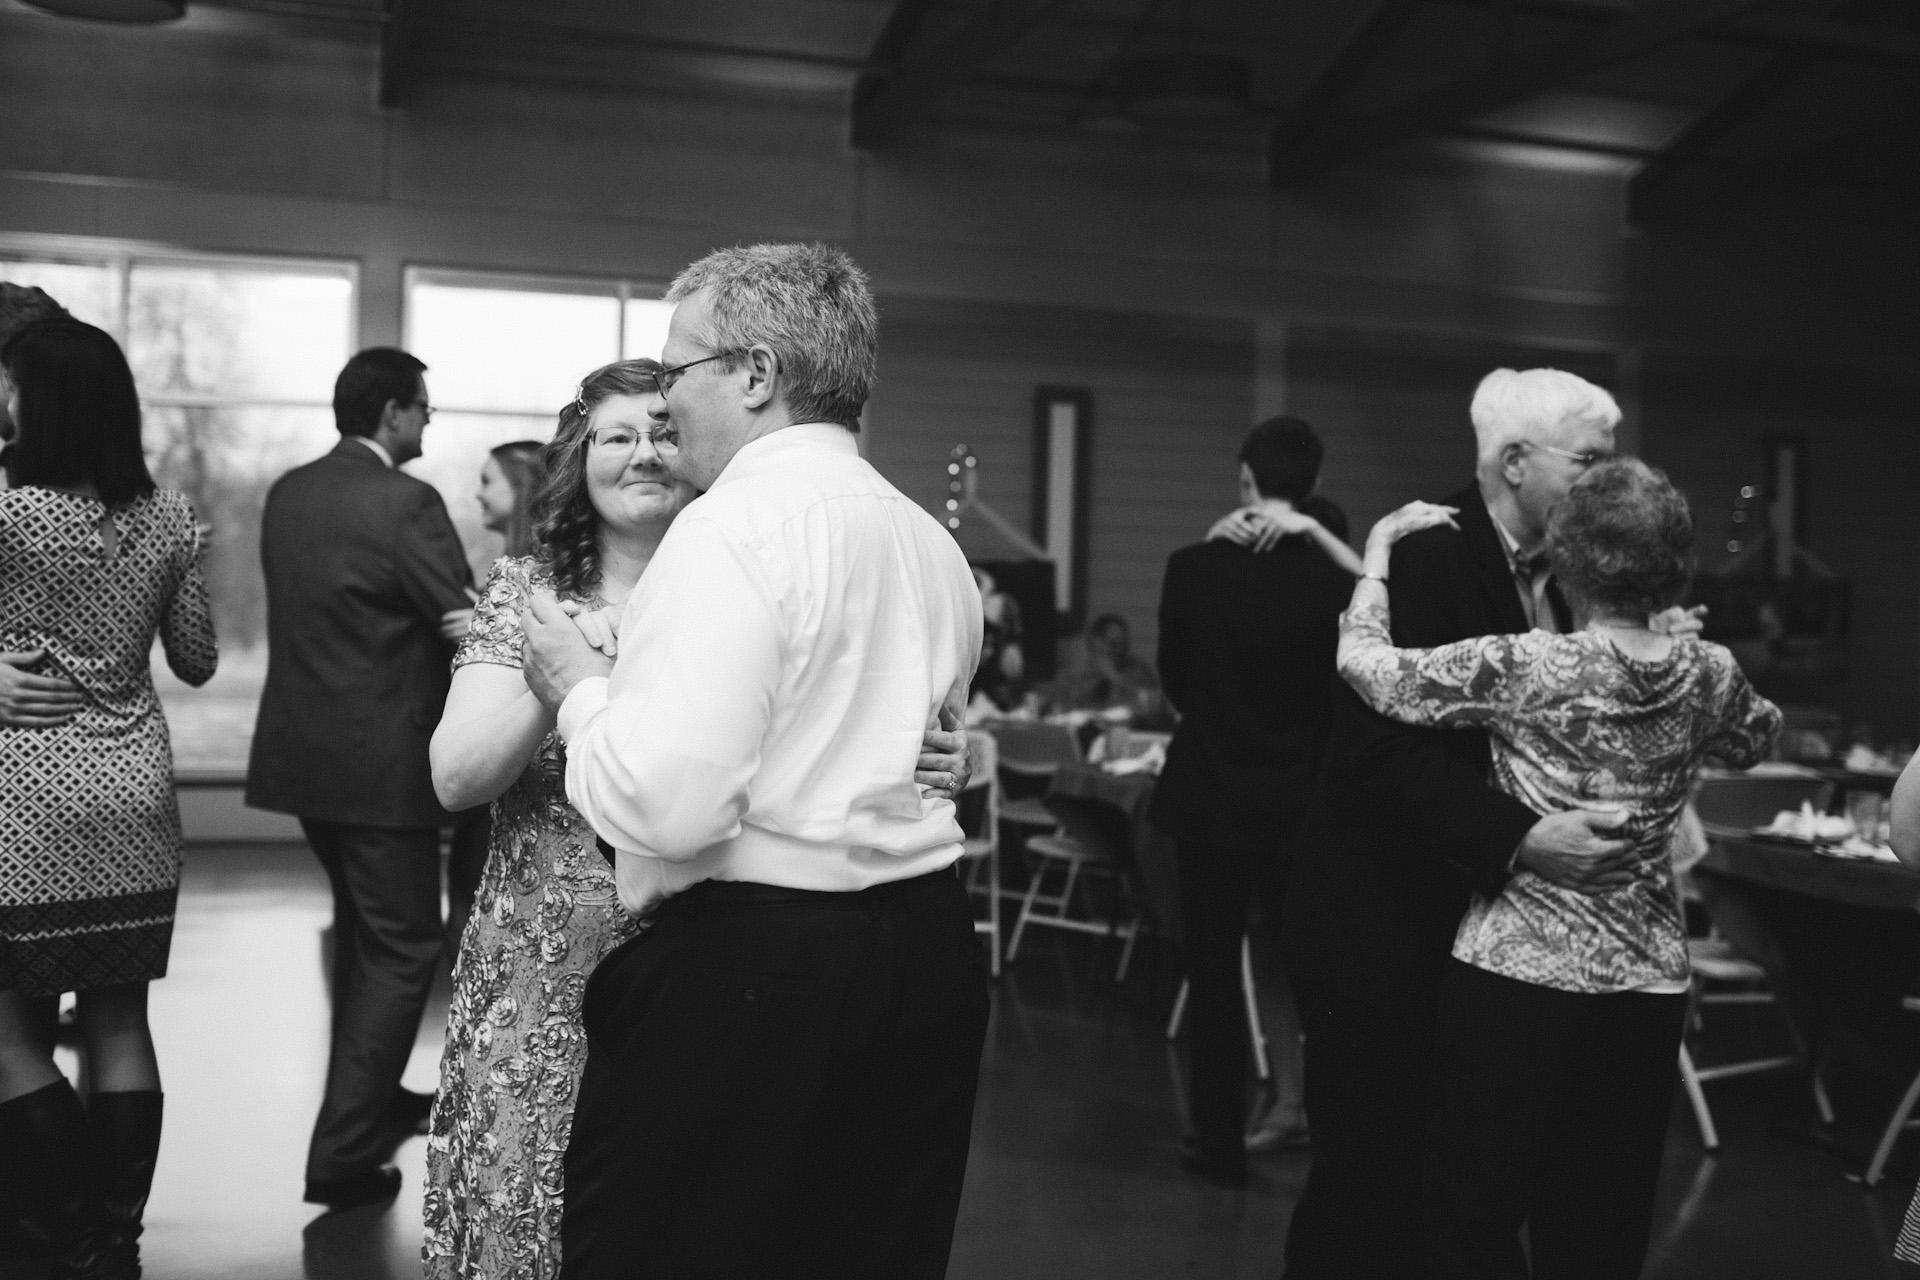 mom and dad dancing at wedding